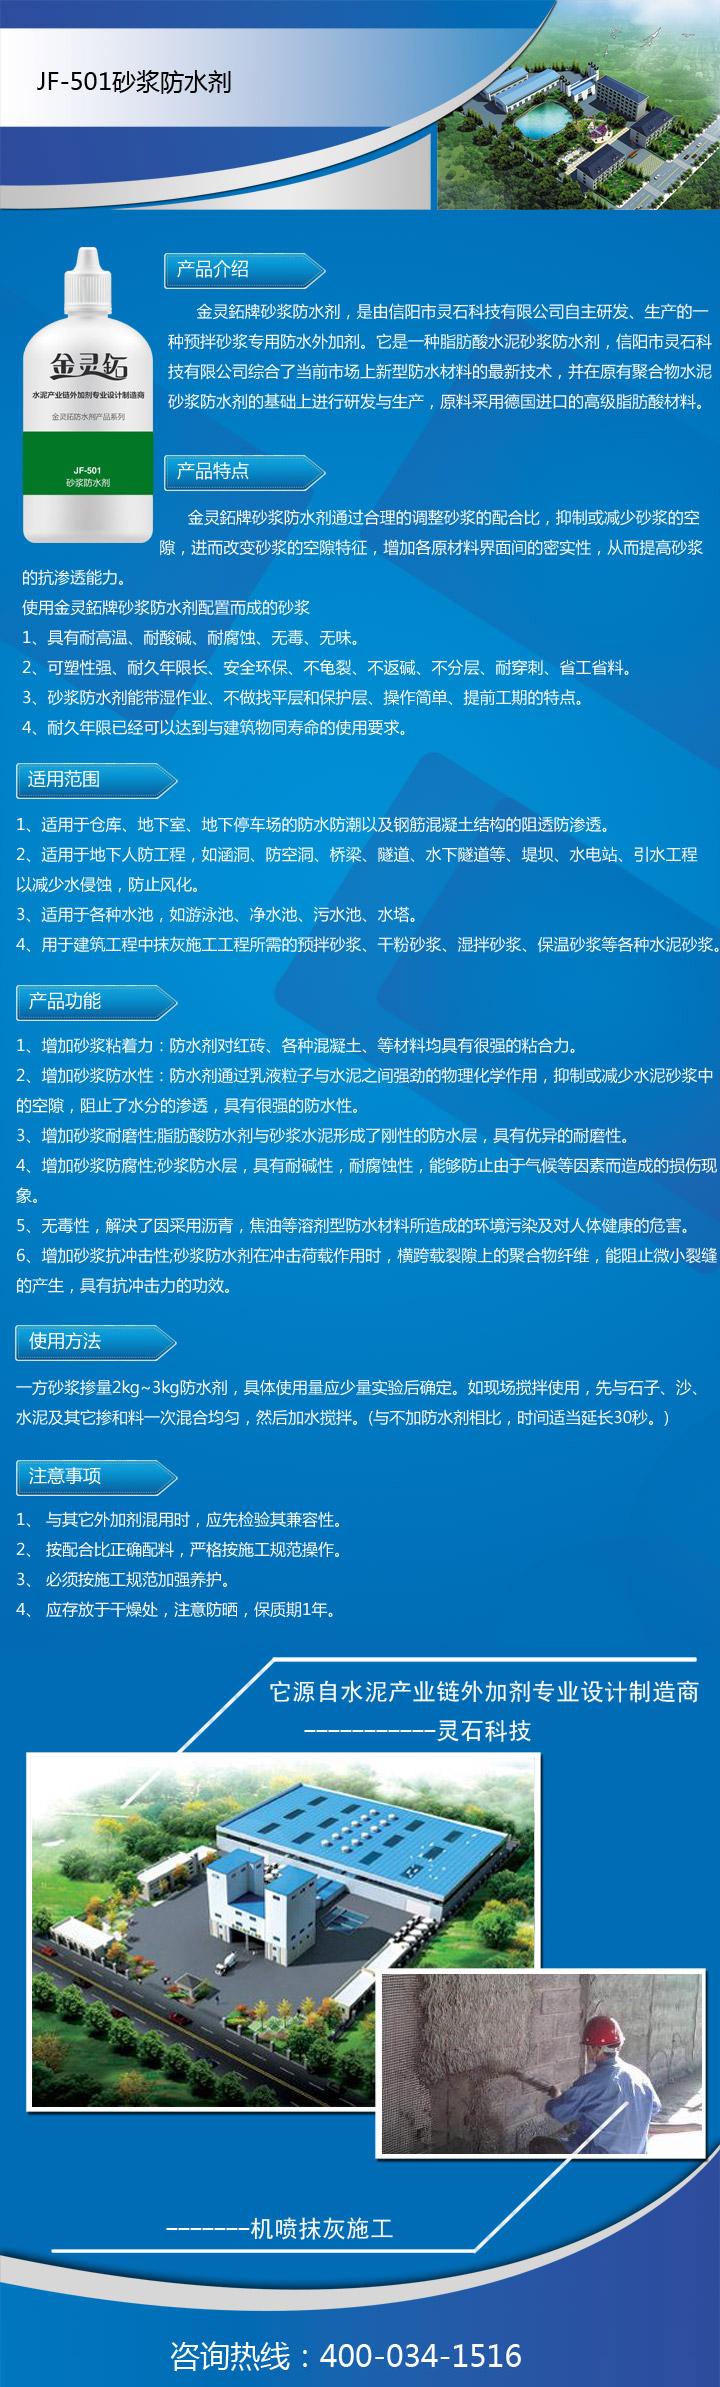 万博manbetx客户端苹果版防水剂详情.jpg